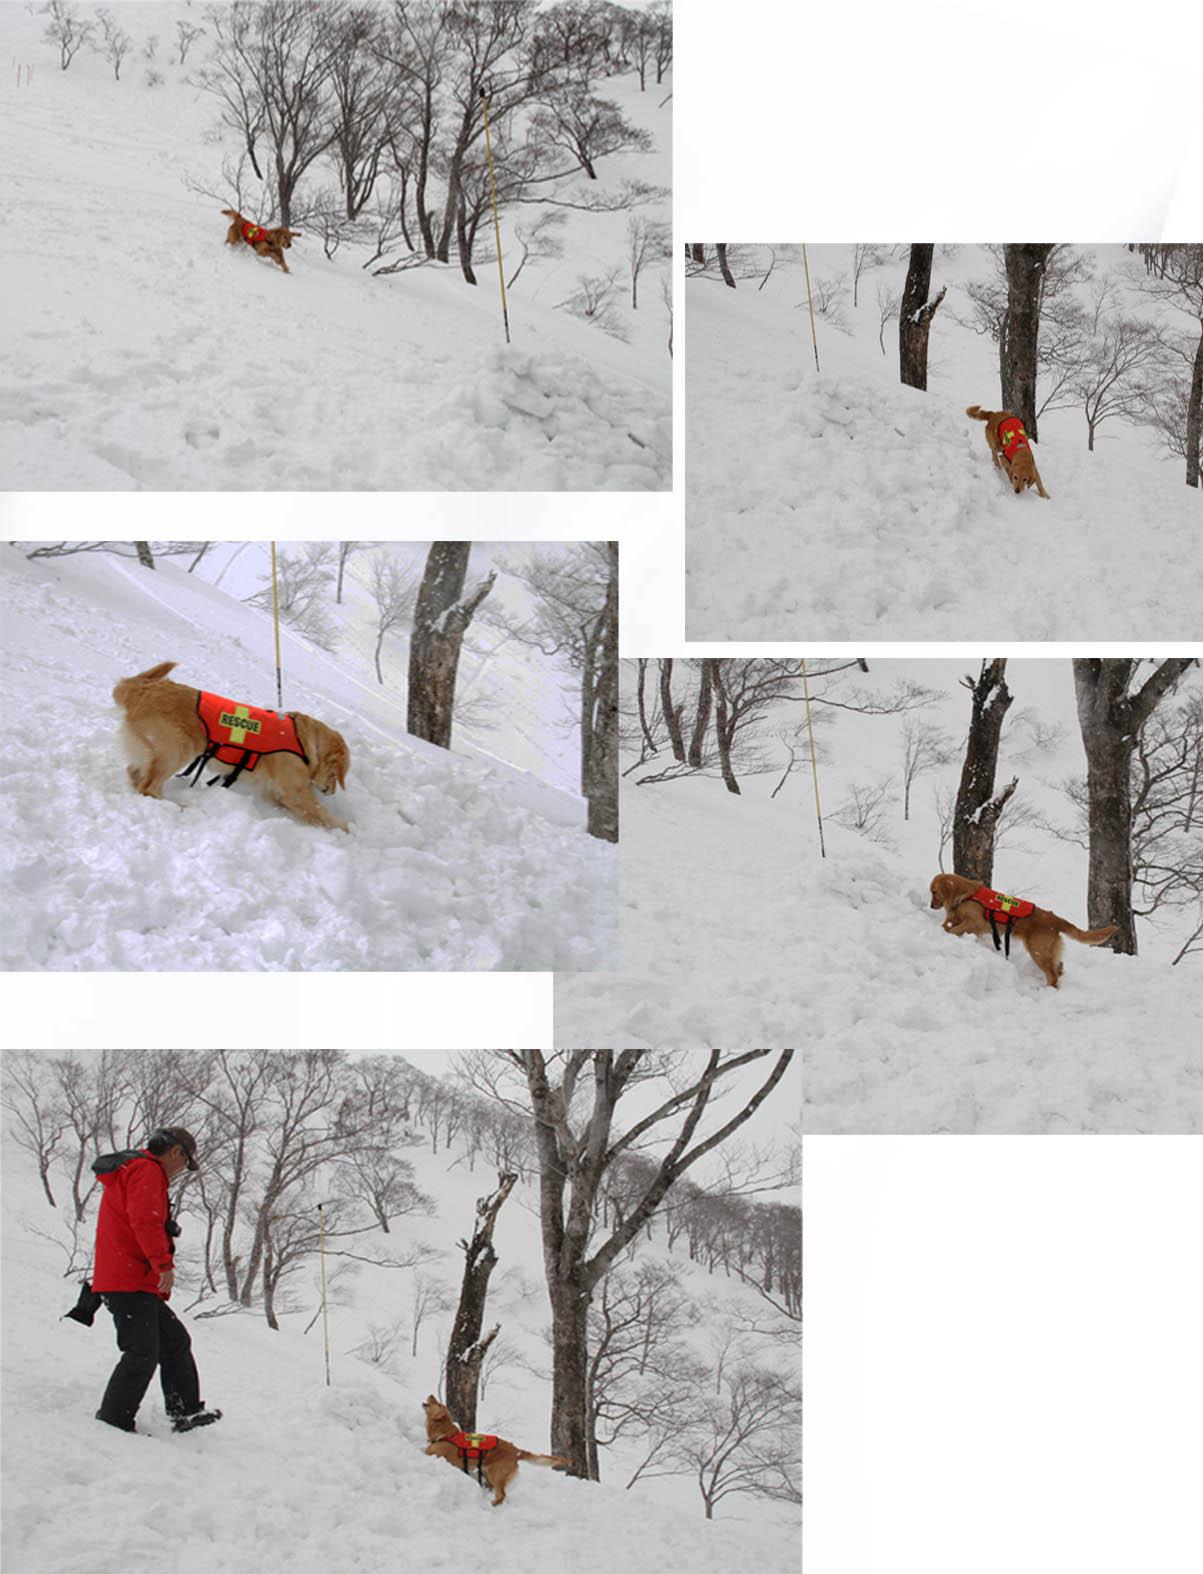 谷川雪中訓練 0401(22) GM